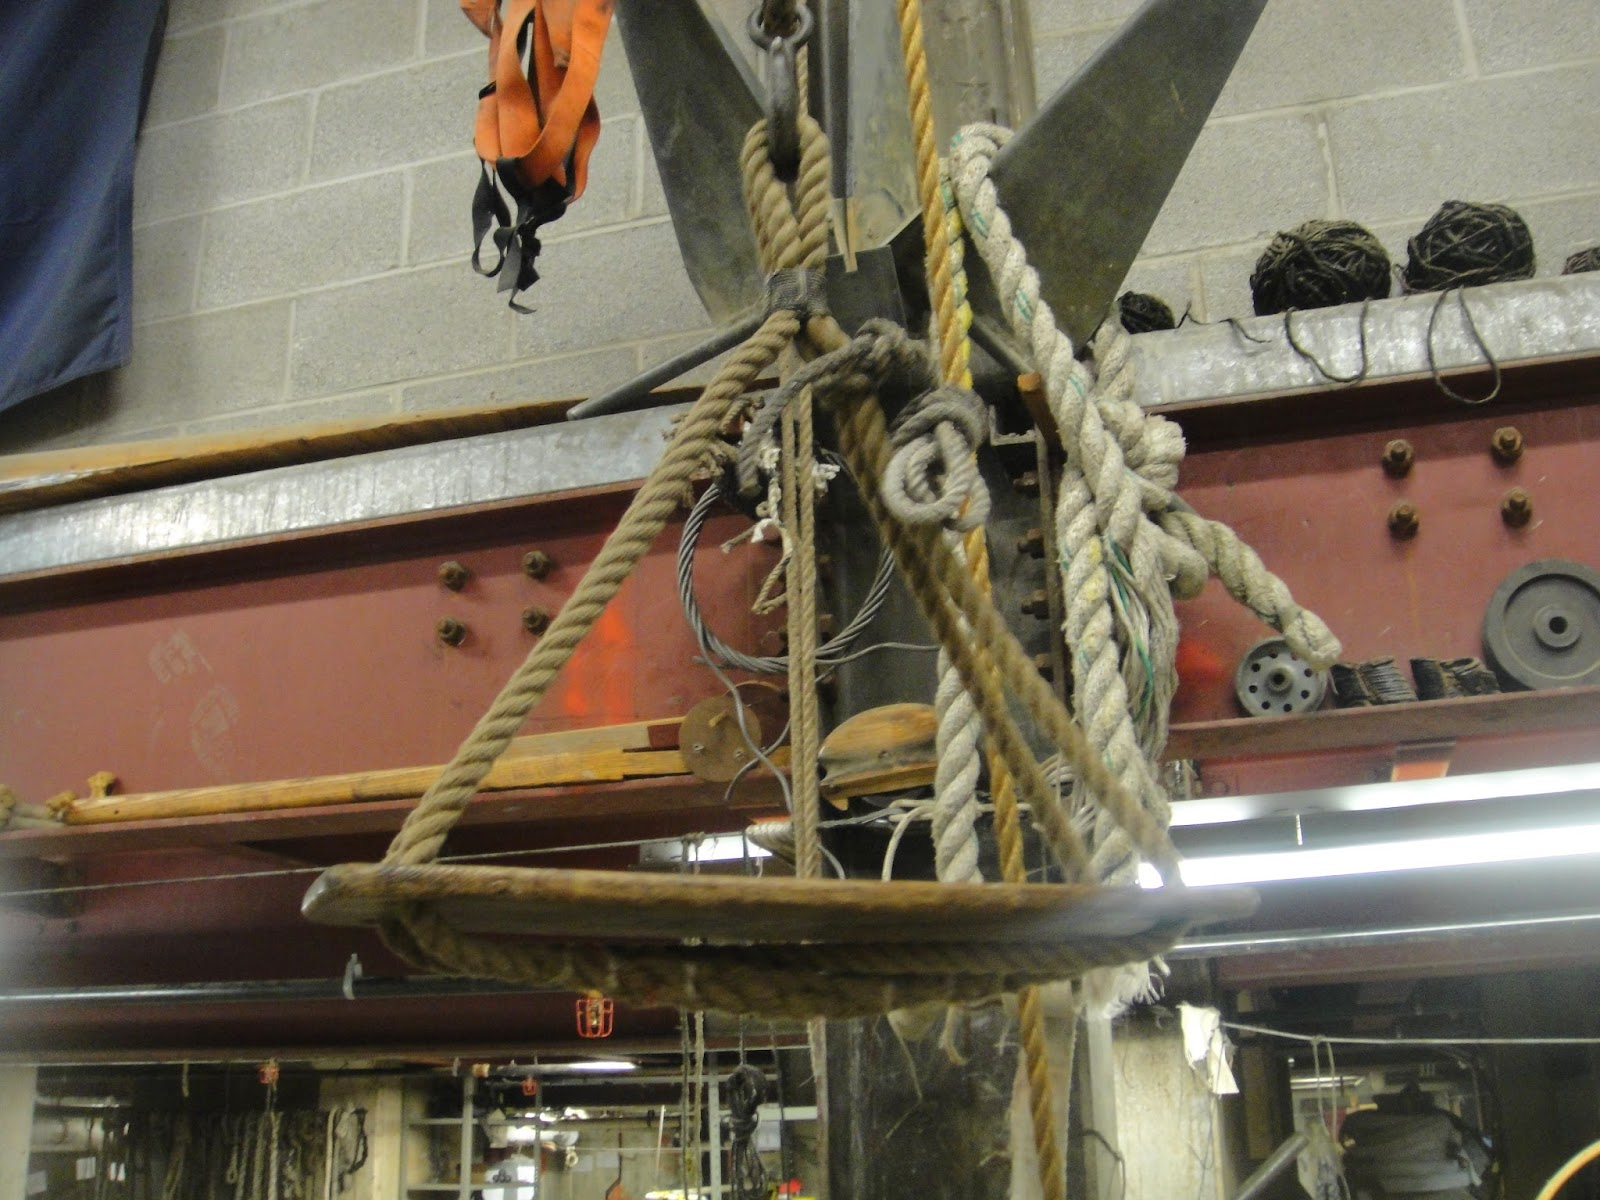 hanging chair rona pallet plans brig it on my six weeks volunteering the niagara